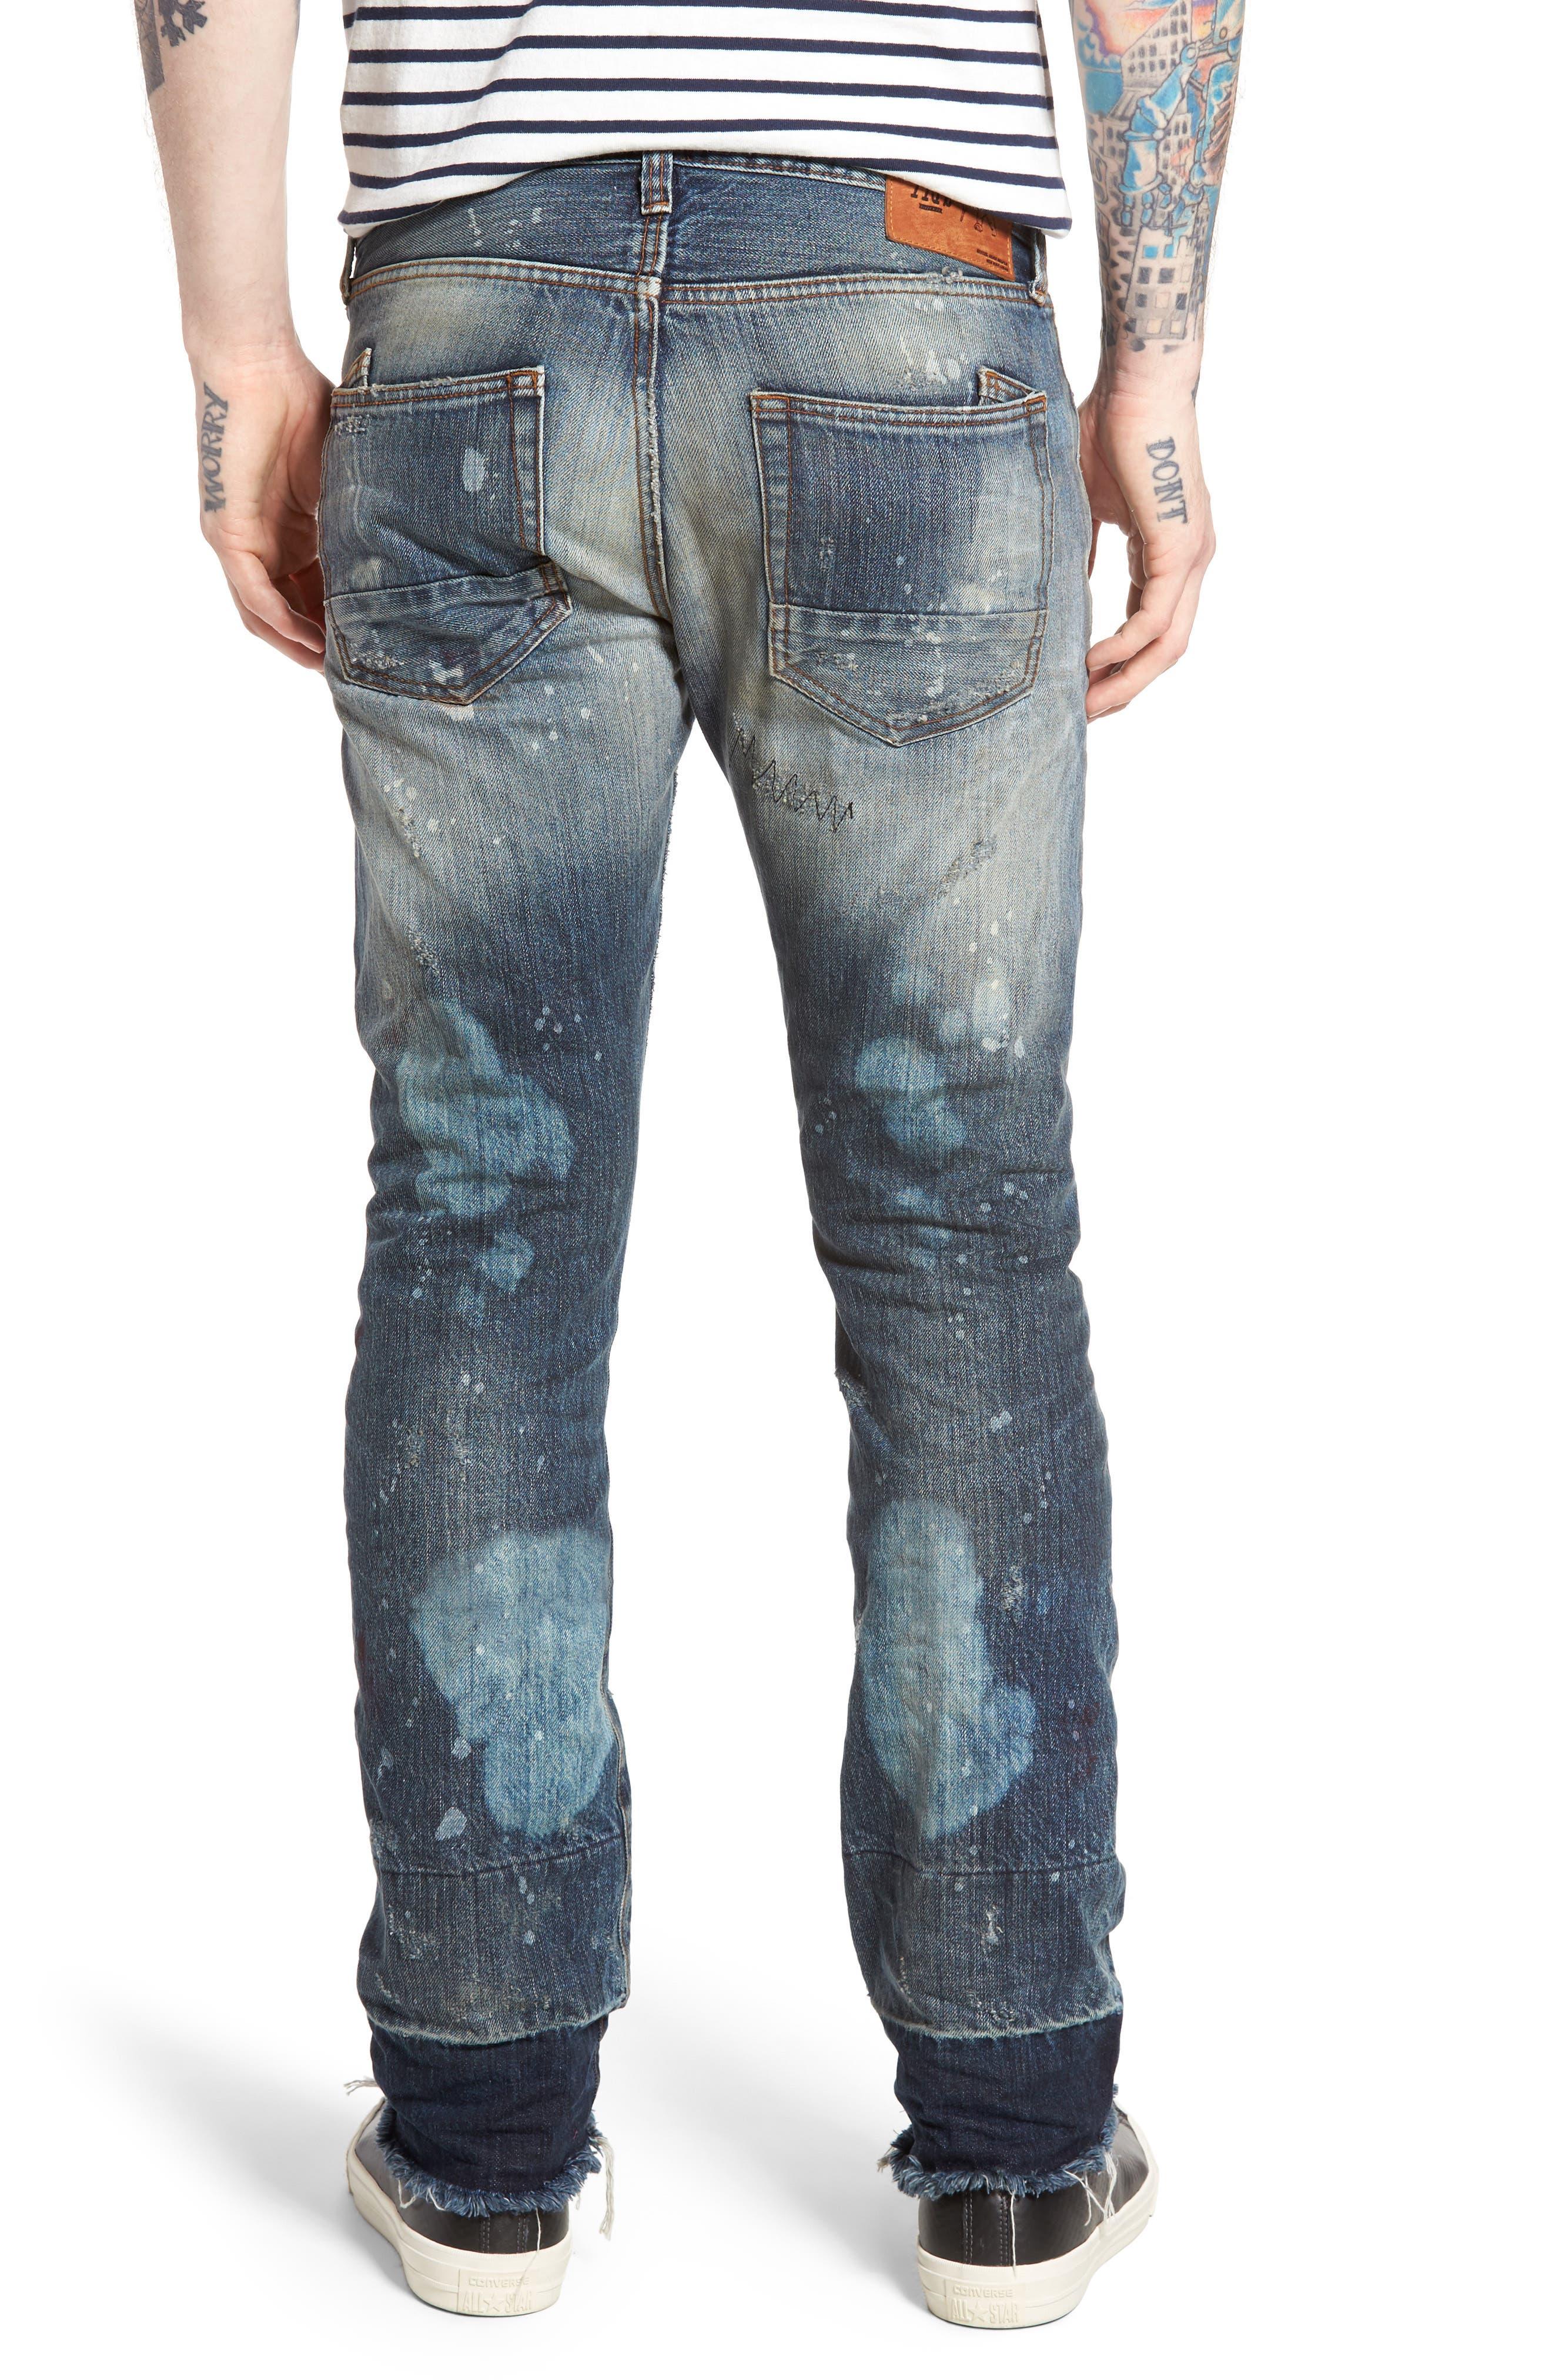 Demon Slim Straight Leg Jeans,                             Alternate thumbnail 2, color,                             490